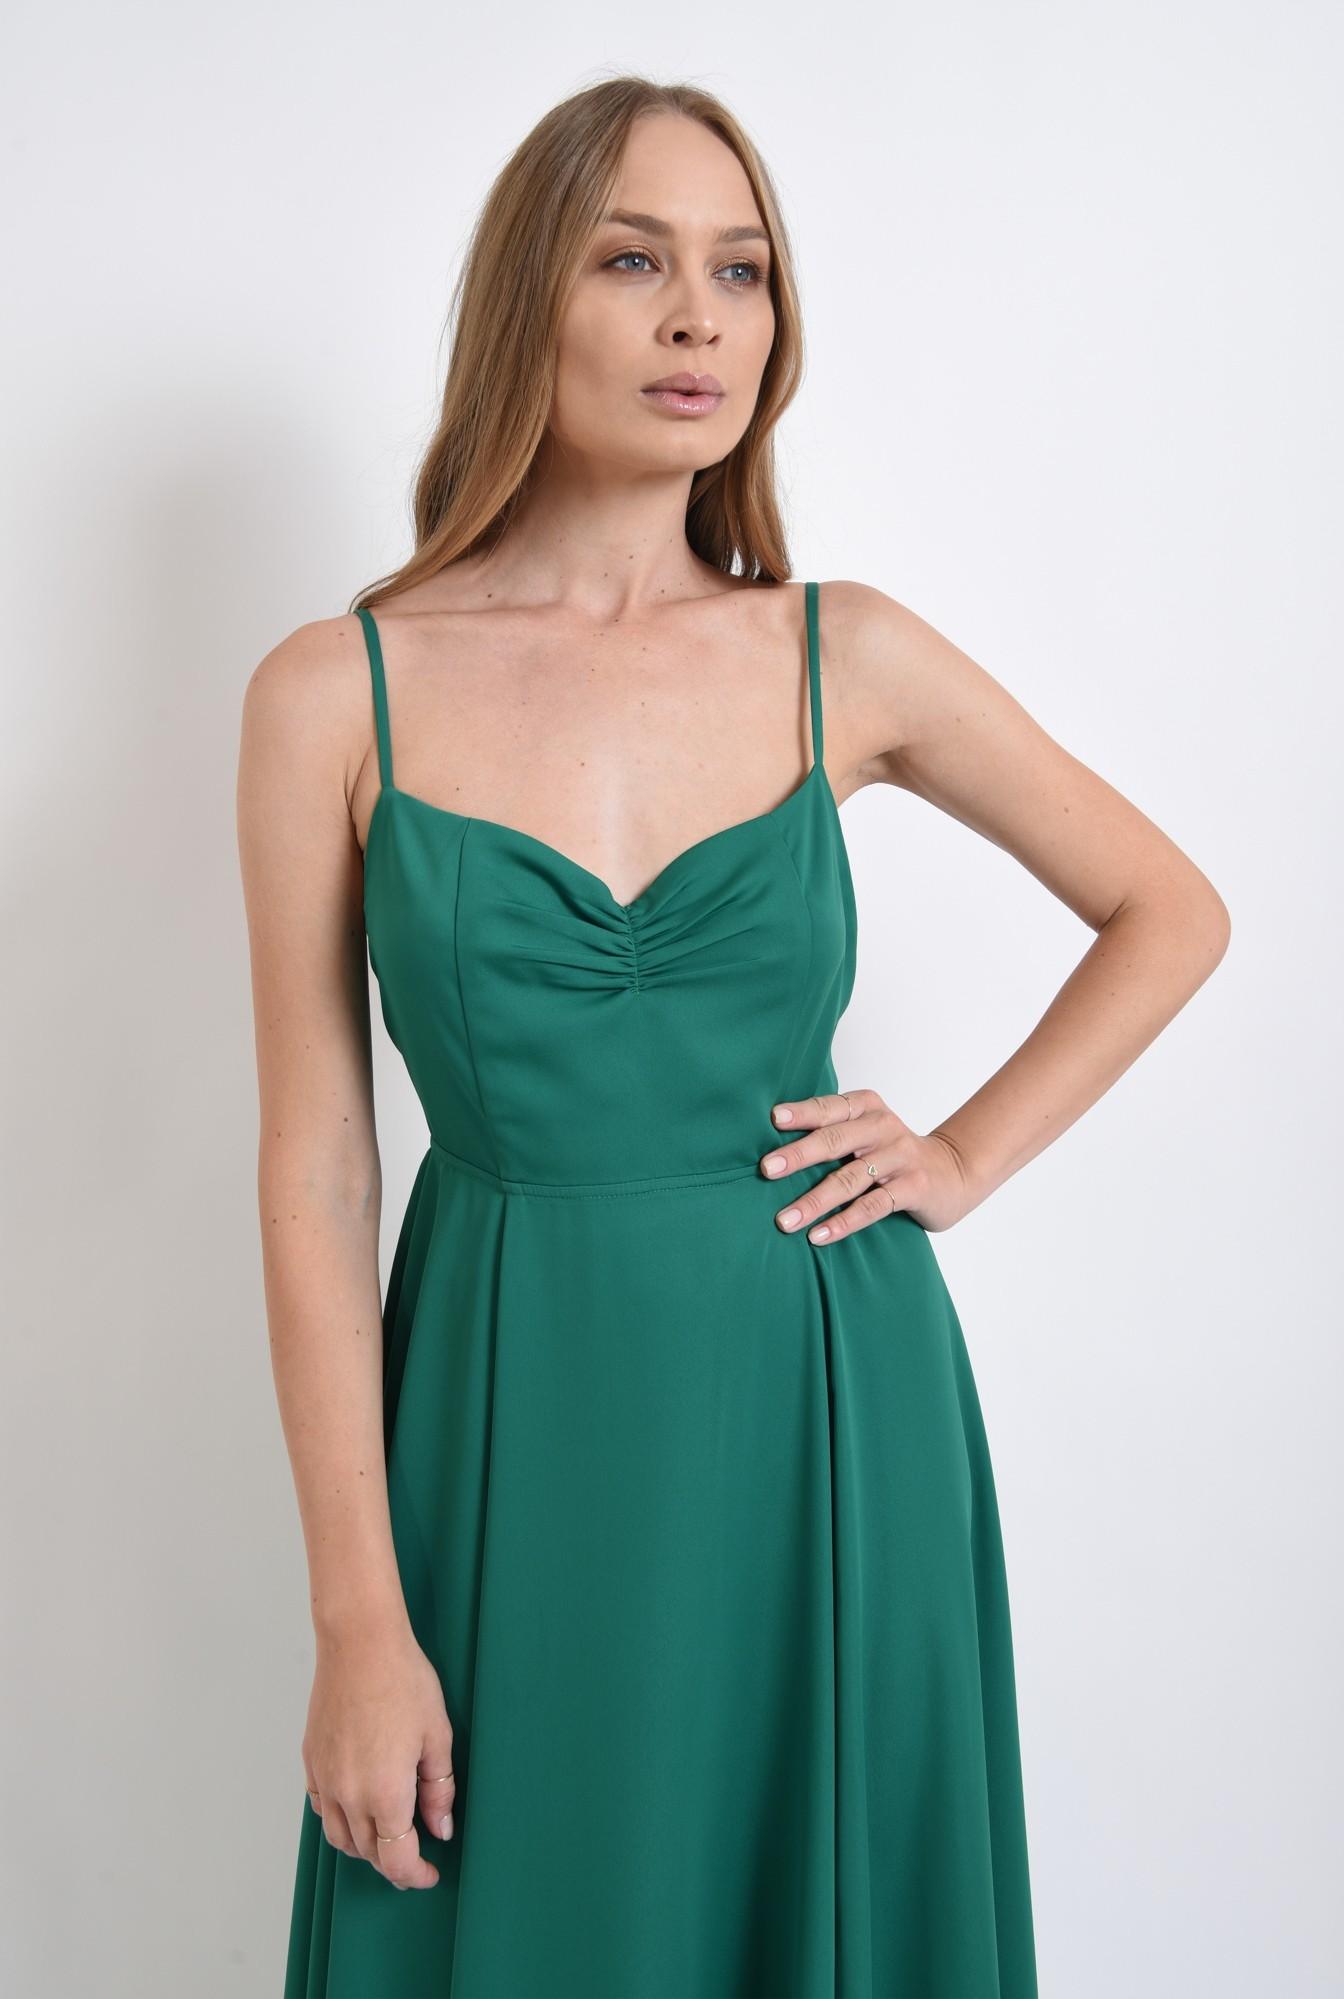 2 - rochie verde, cu spatele decoltat, Poema